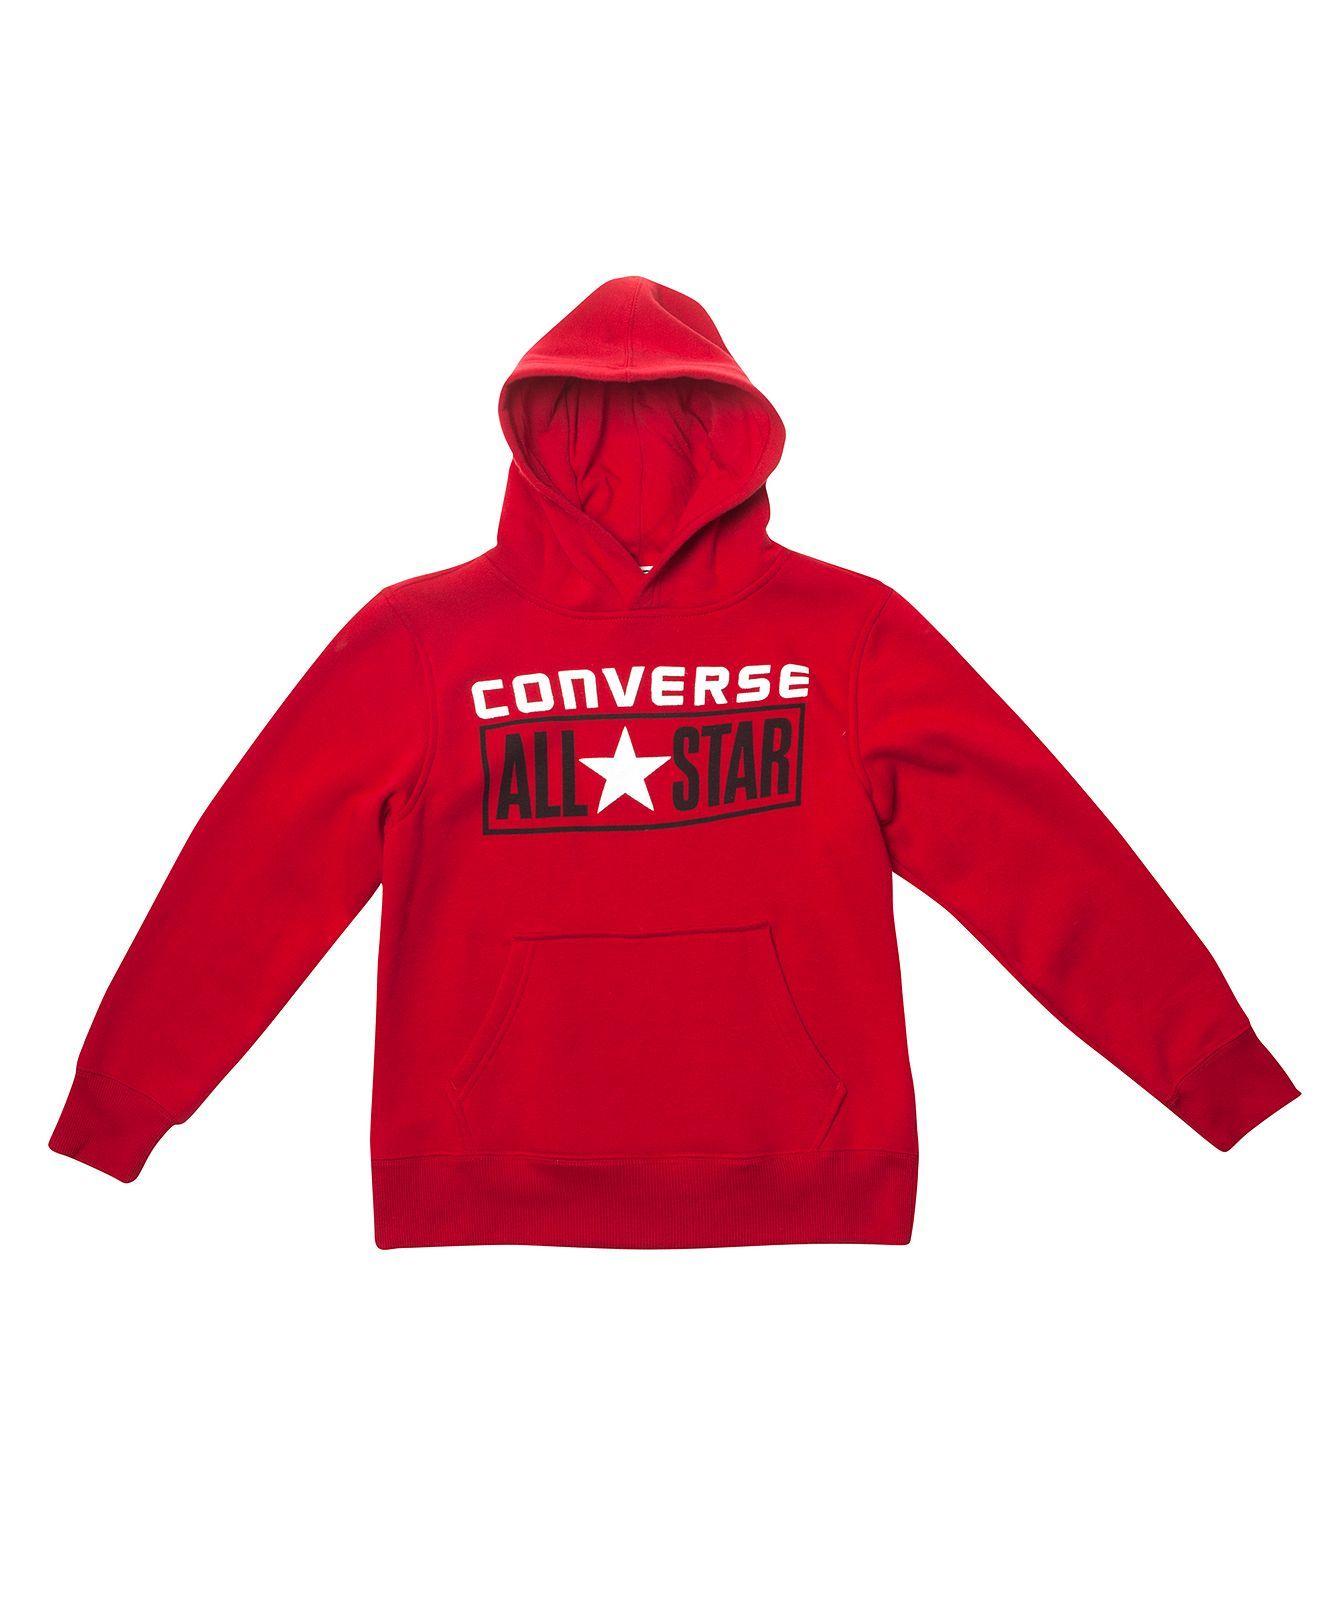 be0bbdf9 Converse Kids Hoodie, Boys License Plate Pullover Hoodie - - Macy's ...